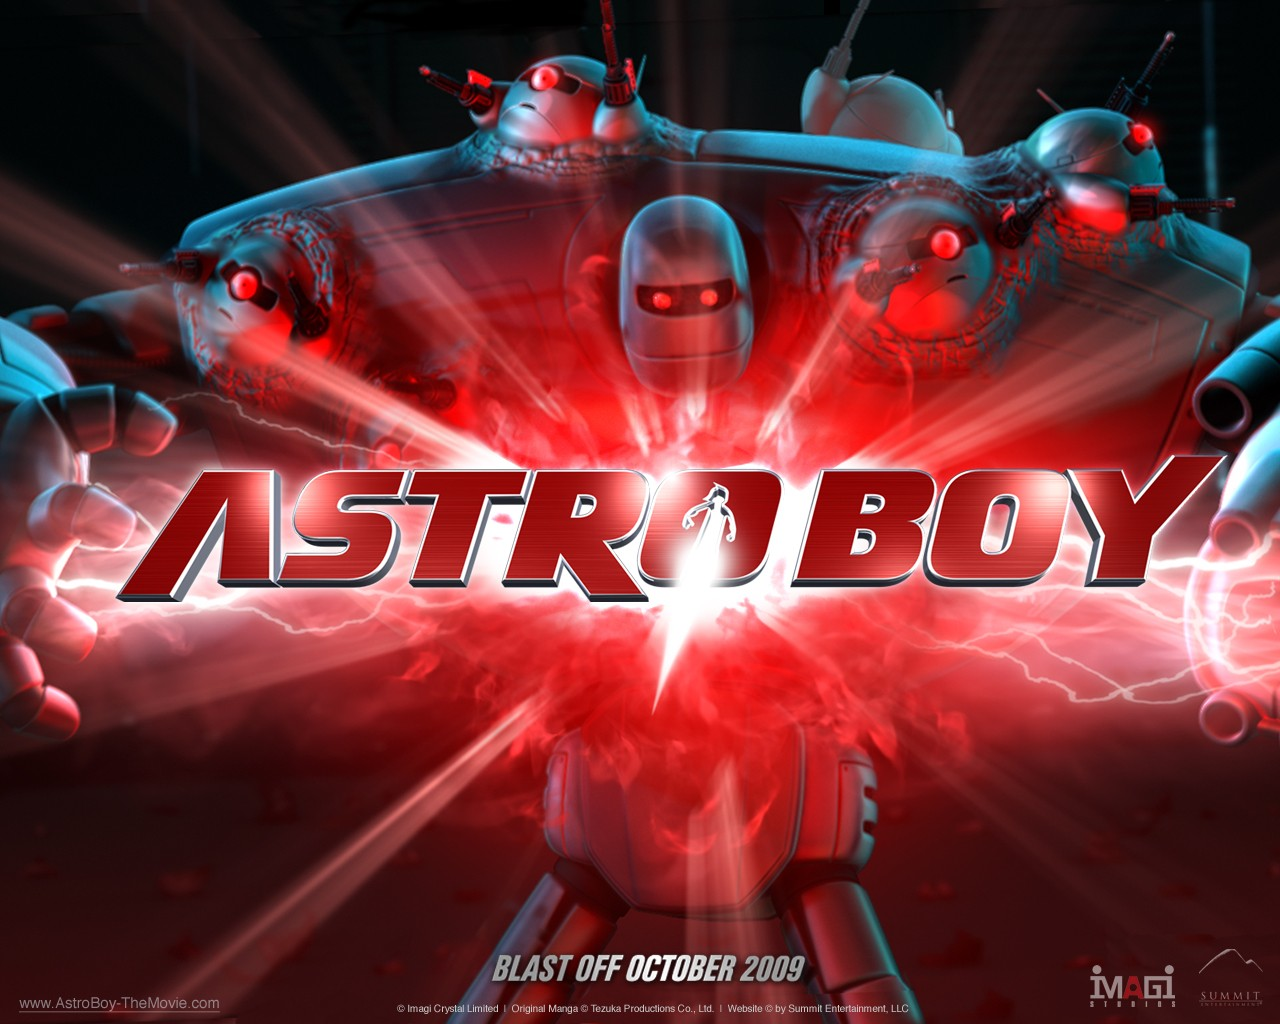 Un wallpaper del film d'animazione Astro Boy